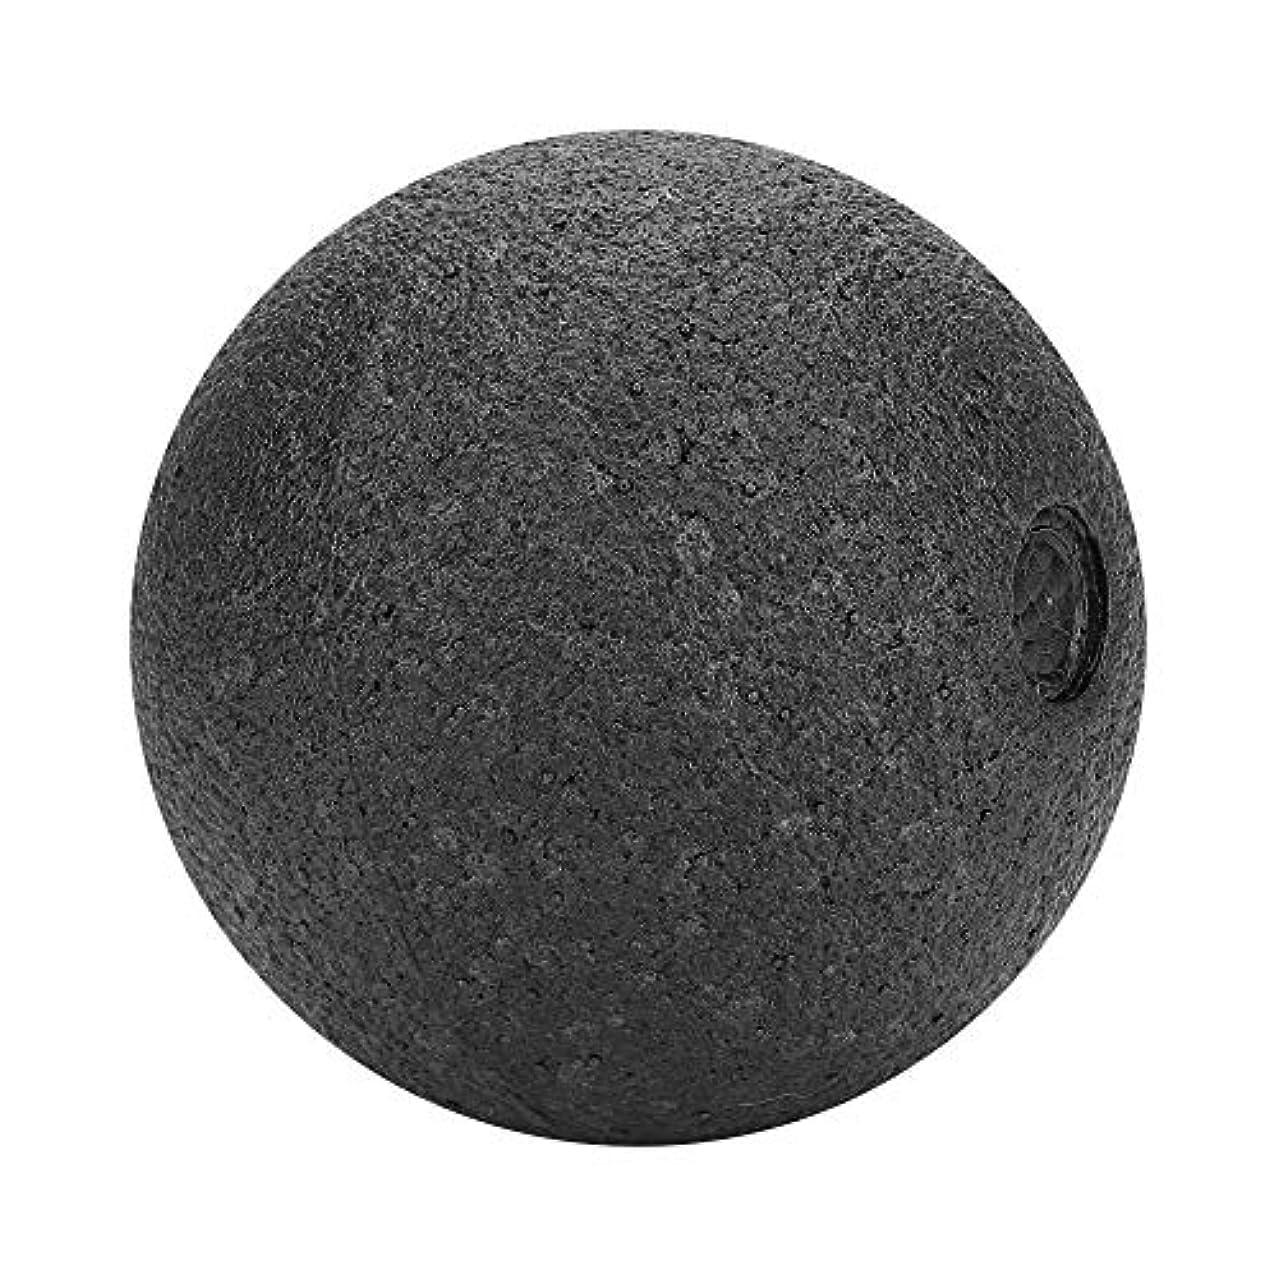 意外石灰岩のりマッサージボール ストレッチボール トリガーポイント マッサージボール 指圧ボールマッスルマッサージボール、首 腰 背中 肩こり 足裏 ツボ押しグッズ 疲労回復 むくみ解消